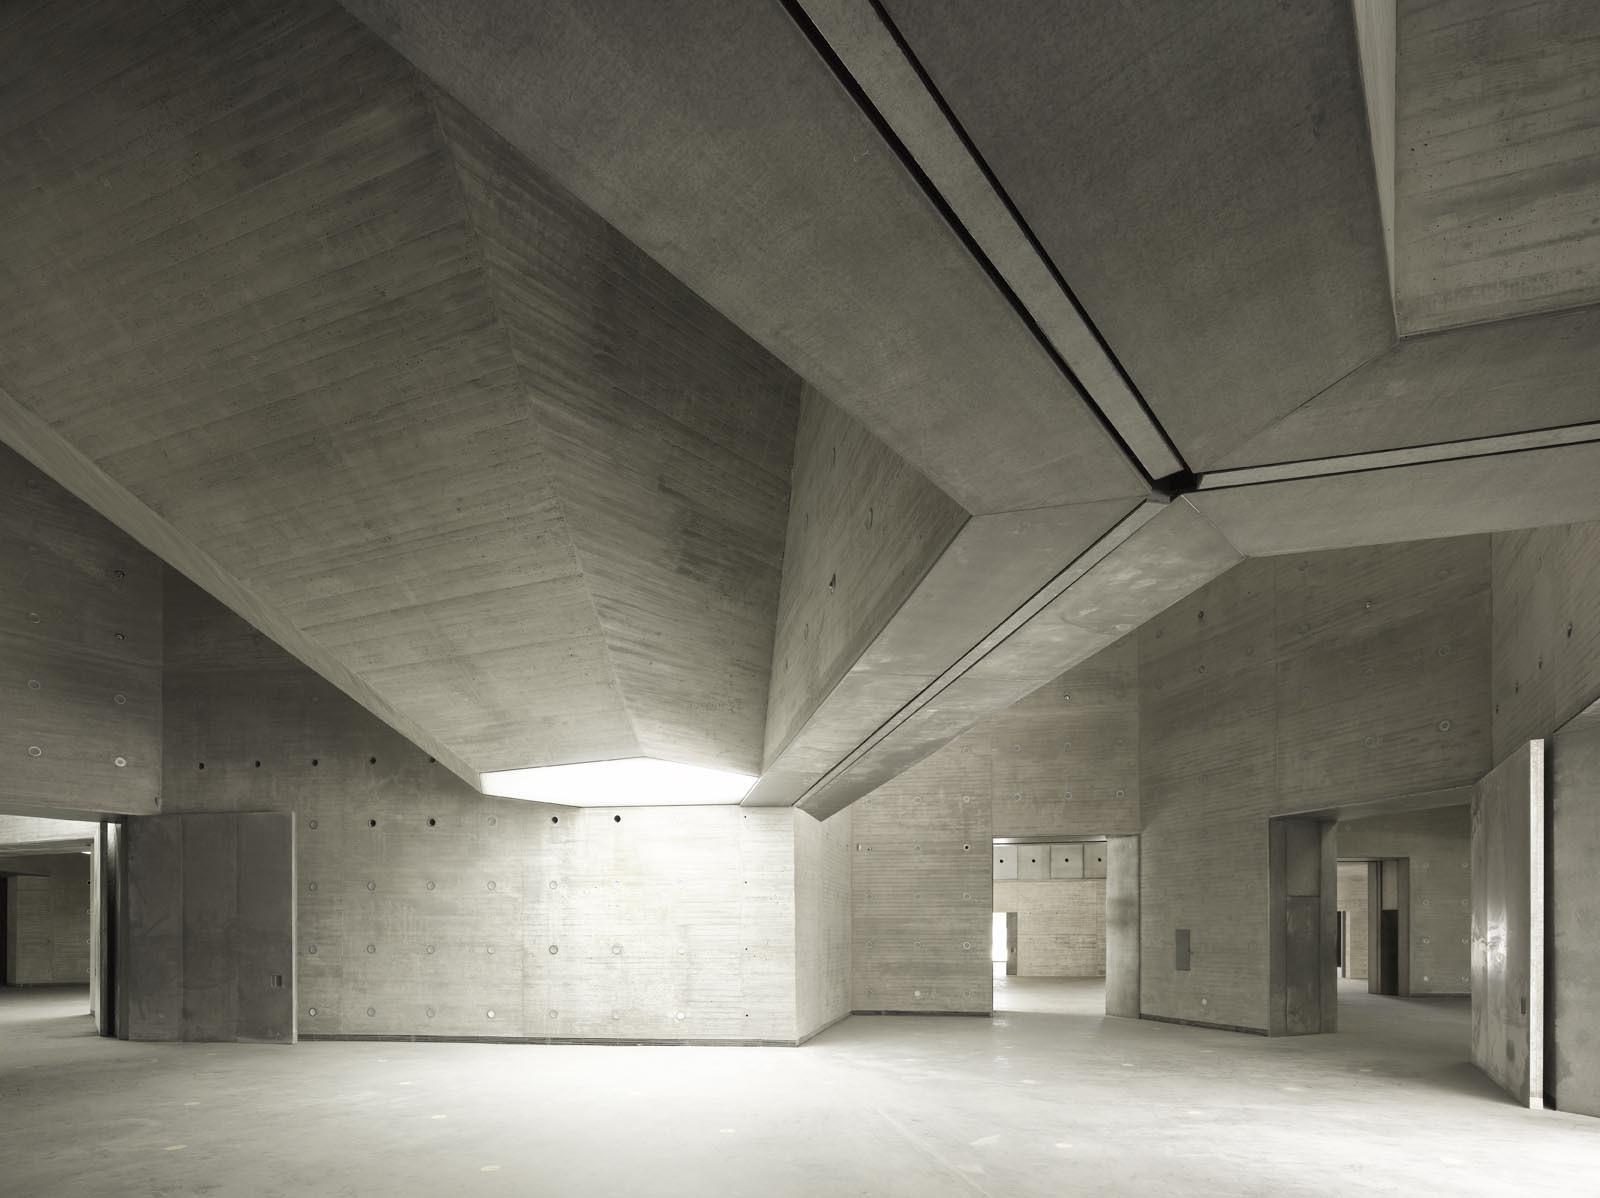 Contemporary Arts Center Rdoba Nieto